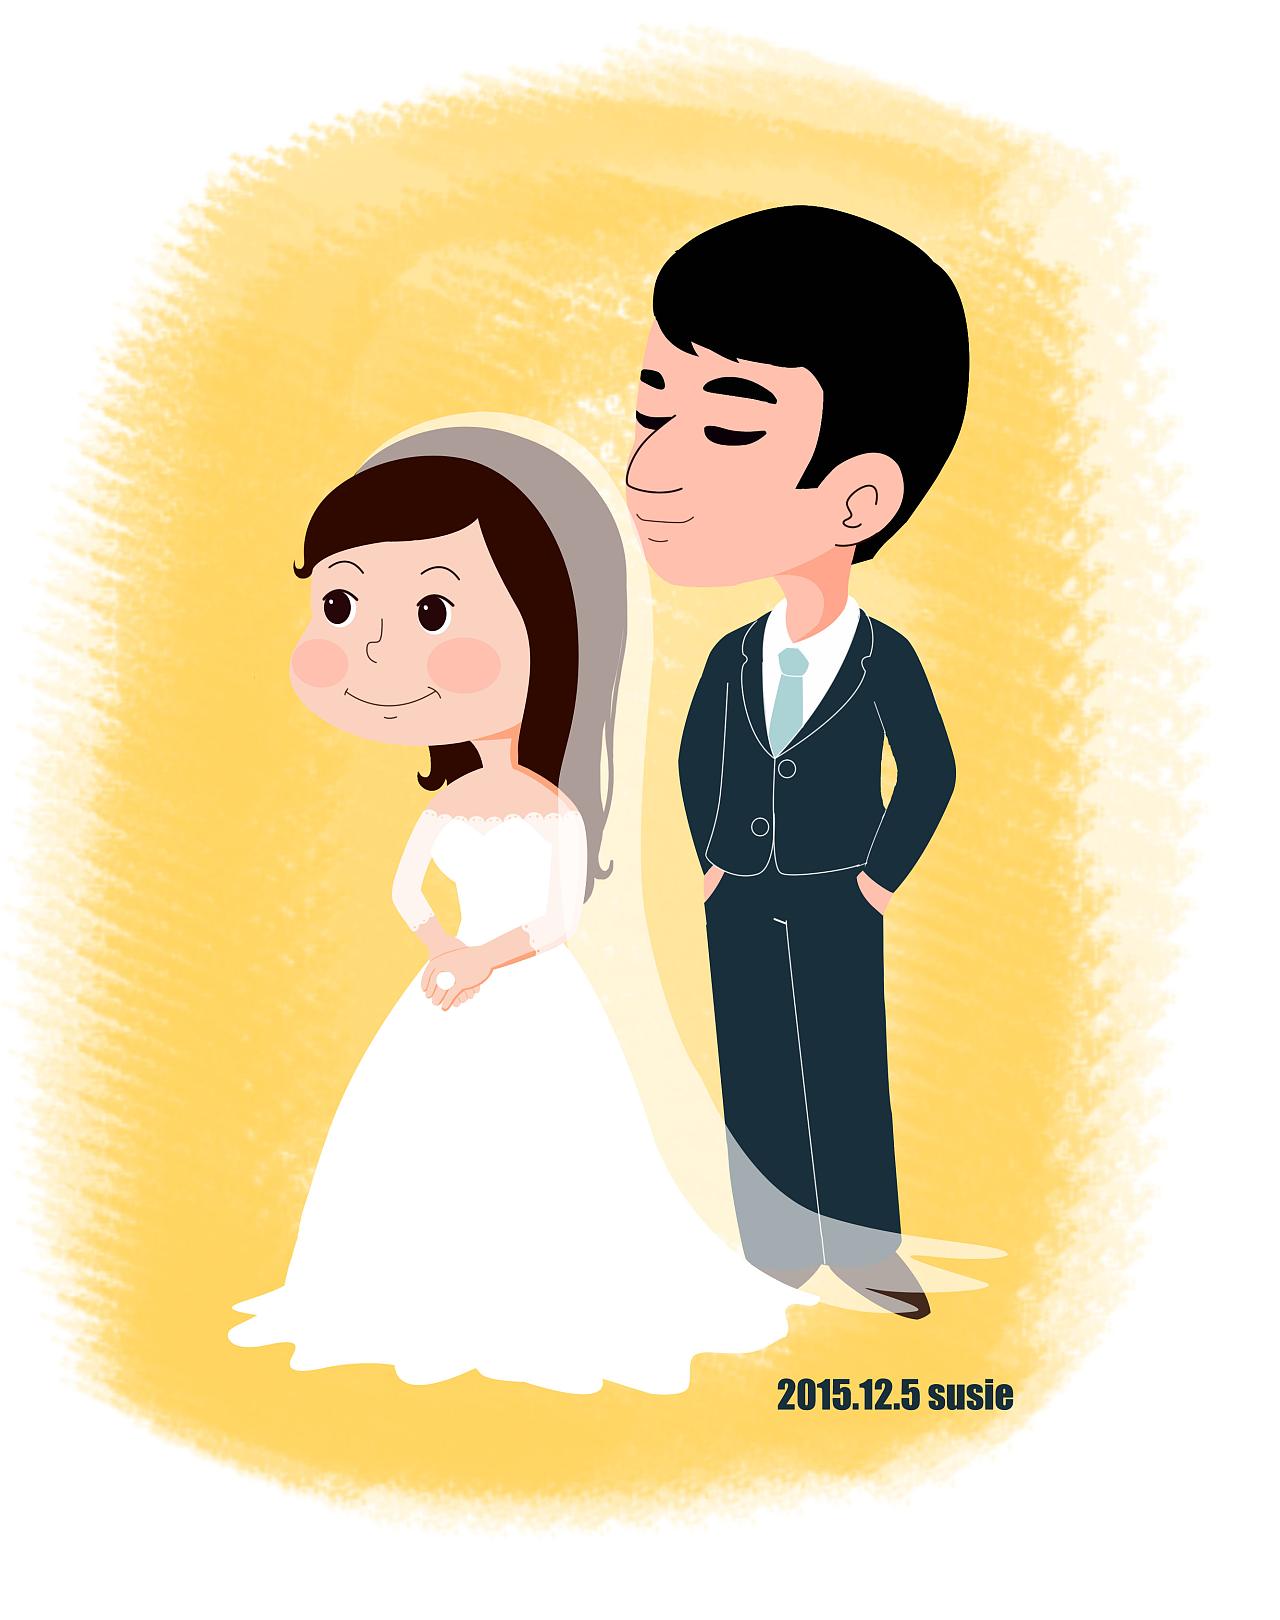 婚纱照卡通人物形象图片展示